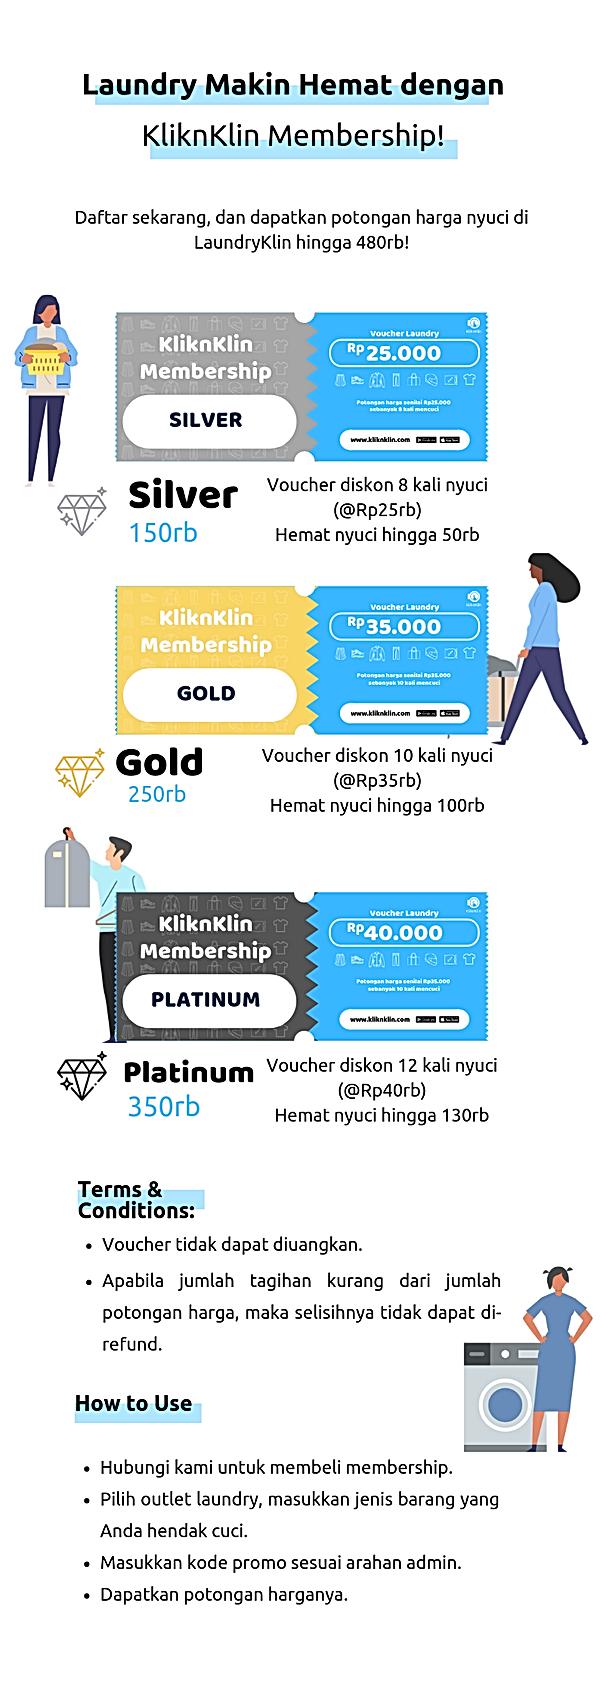 KliknKlin Membership